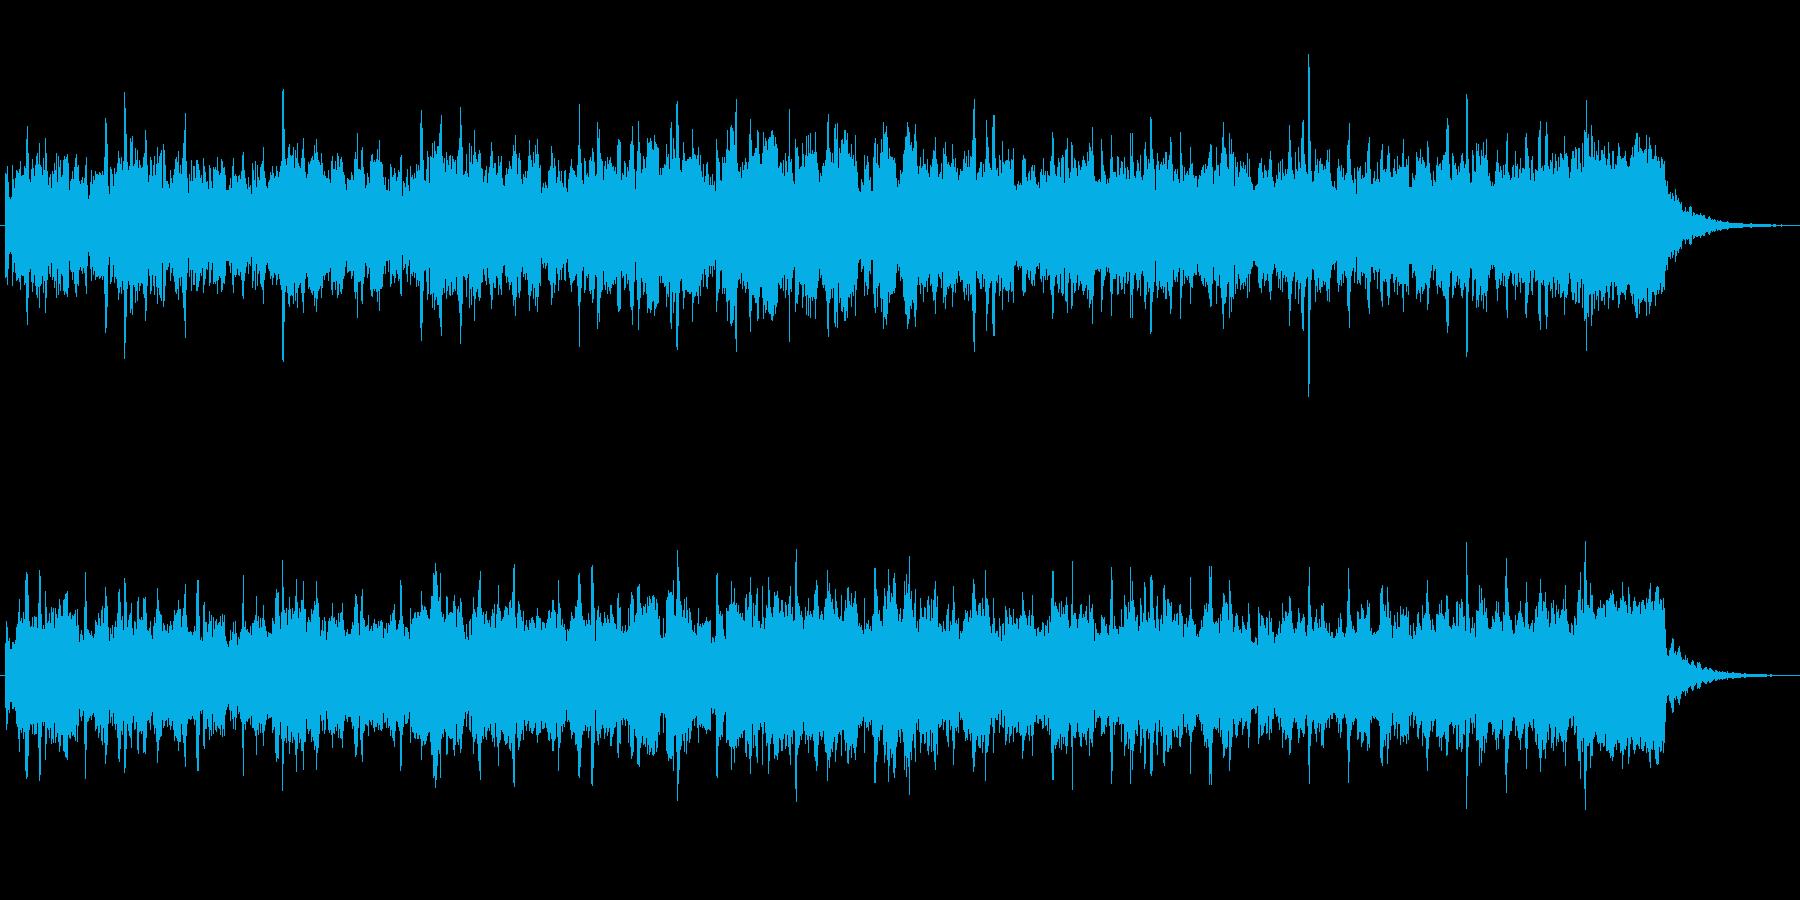 オルガンとシンセのかわいいジングルの再生済みの波形